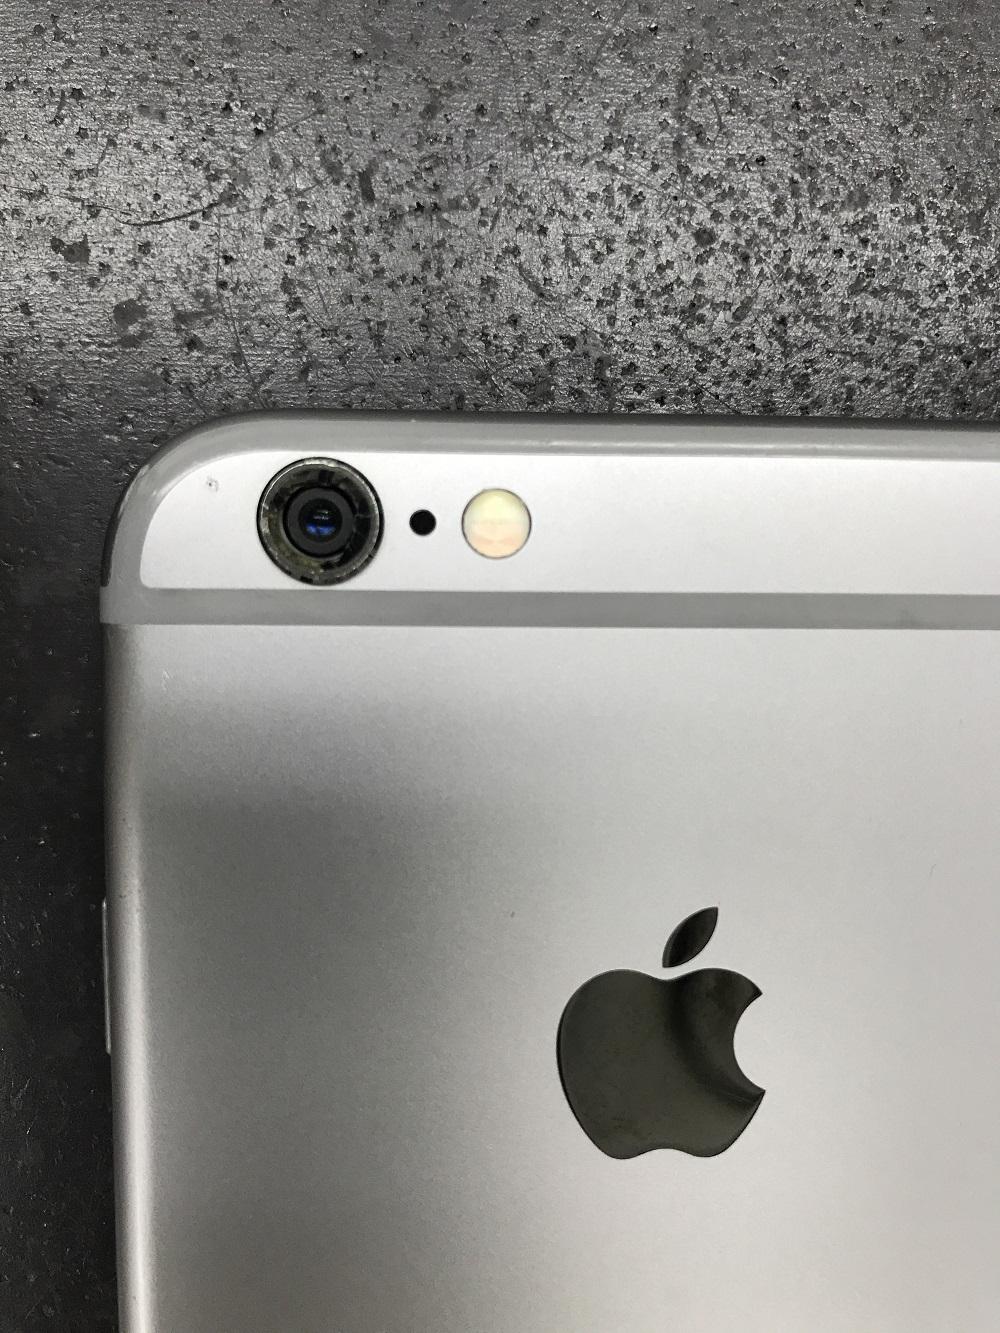 アイフォンアウトカメラ故障 クリーニング前1